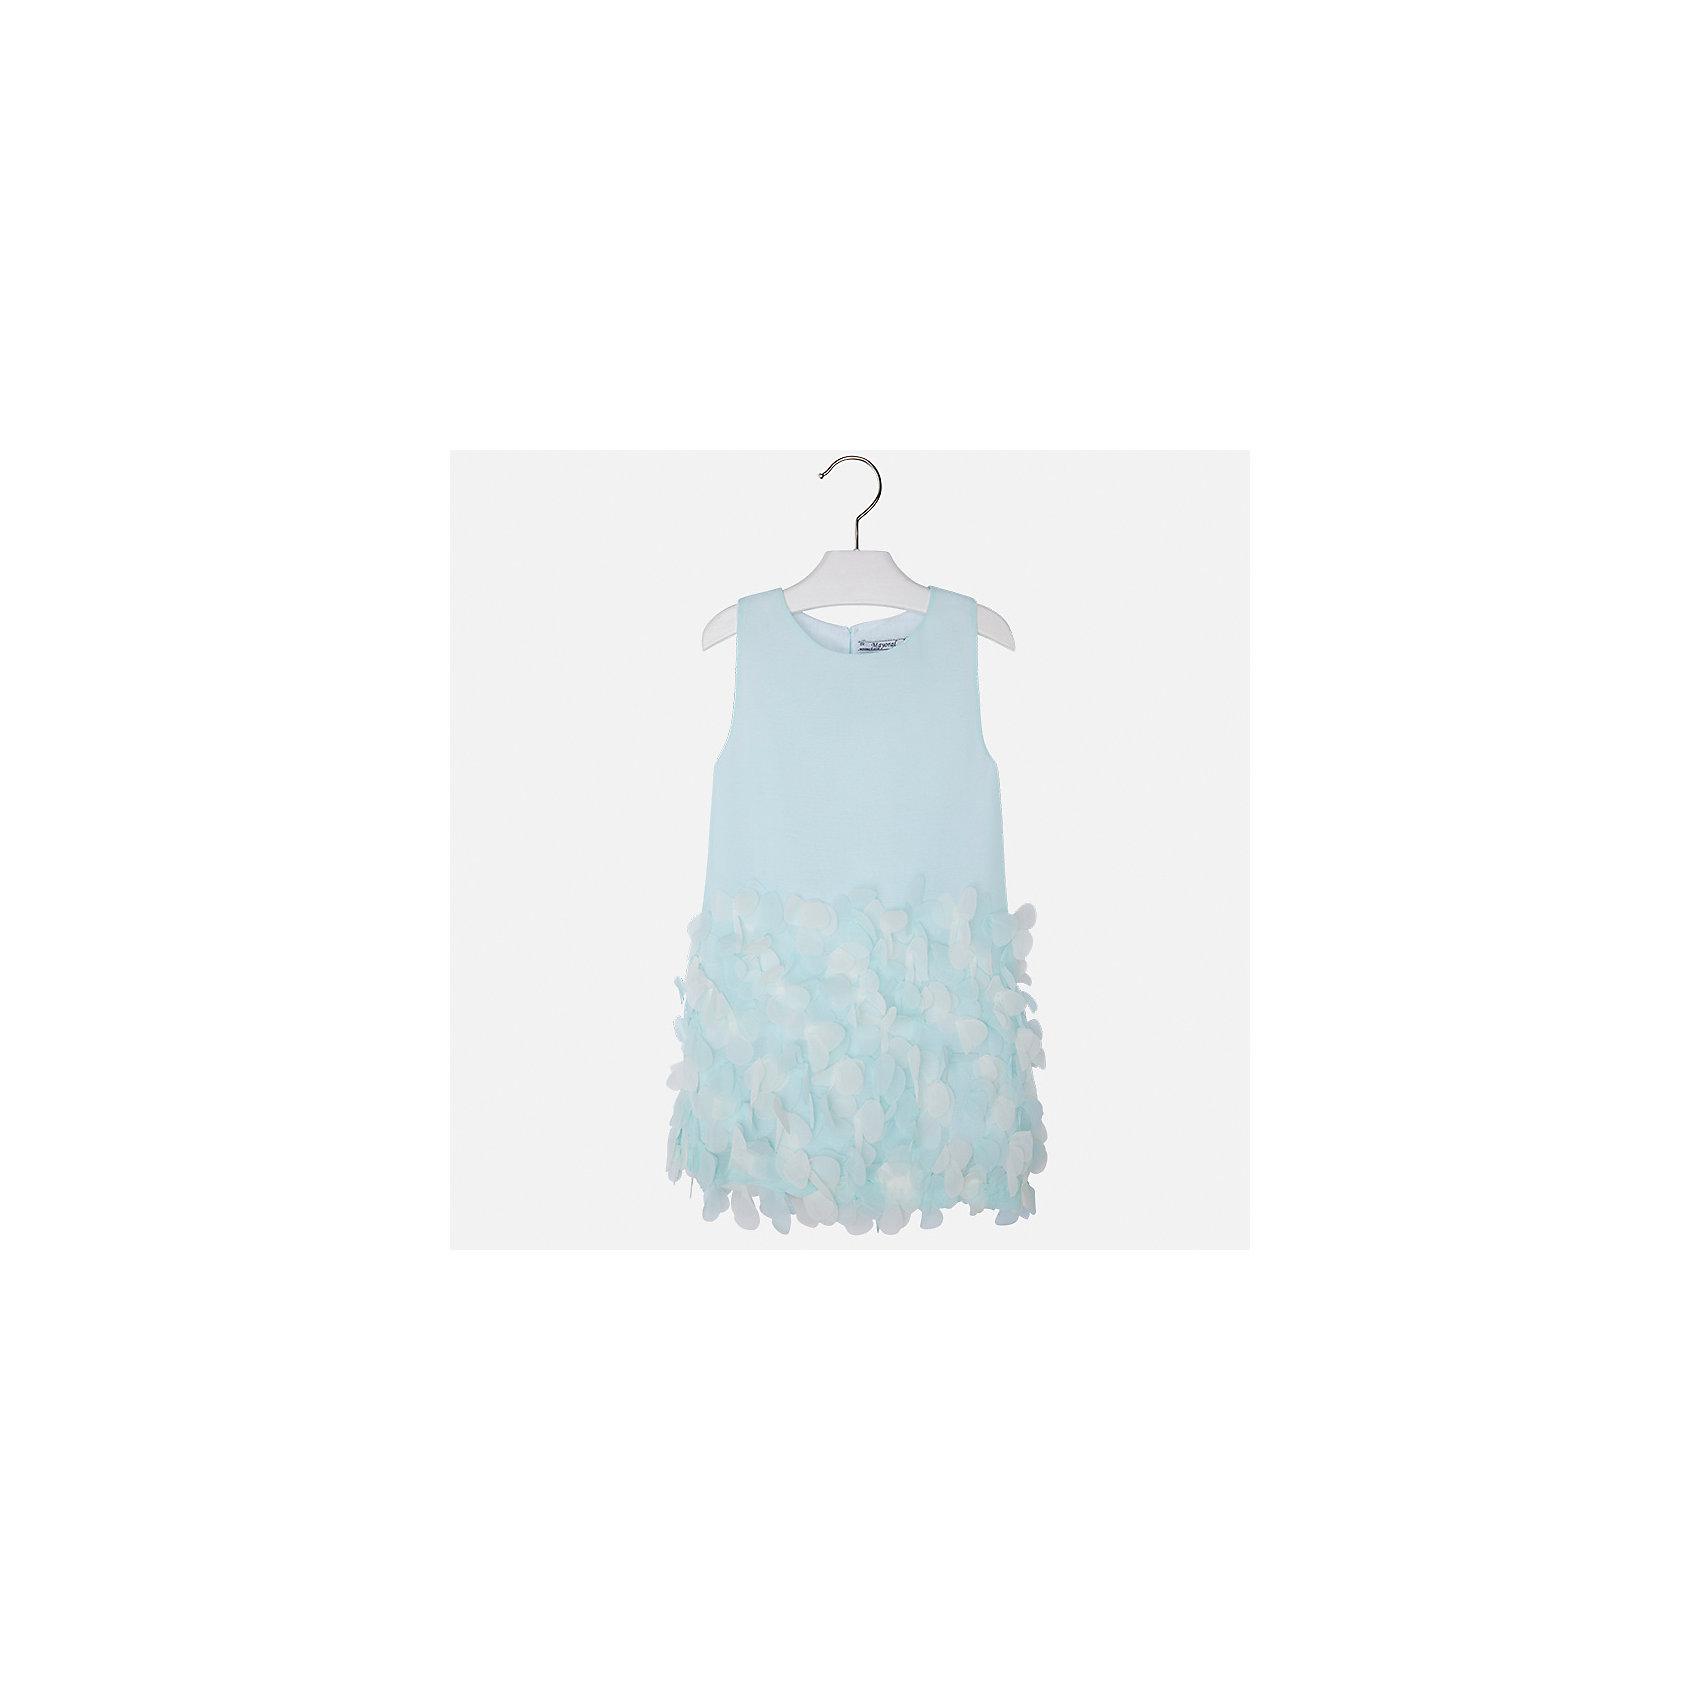 Платье для девочки MayoralХарактеристики товара:<br><br>• цвет: голубой<br>• состав: 100% полиэстер, подкладка - 65% полиэстер, 35% хлопок<br>• застежка: молния<br>• легкий материал<br>• объемные элементы на подоле<br>• без рукавов<br>• с подкладкой<br>• страна бренда: Испания<br><br>Эффектное платье для девочки поможет разнообразить гардероб ребенка и создать эффектный наряд. Оно отлично подойдет и для торжественных случаев. Красивый оттенок позволяет подобрать к вещи обувь разных расцветок. В составе материала подкладки - натуральный хлопок, гипоаллергенный, приятный на ощупь, дышащий. Платье хорошо сидит по фигуре.<br><br>Одежда, обувь и аксессуары от испанского бренда Mayoral полюбились детям и взрослым по всему миру. Модели этой марки - стильные и удобные. Для их производства используются только безопасные, качественные материалы и фурнитура. Порадуйте ребенка модными и красивыми вещами от Mayoral! <br><br>Платье для девочки от испанского бренда Mayoral (Майорал) можно купить в нашем интернет-магазине.<br><br>Ширина мм: 236<br>Глубина мм: 16<br>Высота мм: 184<br>Вес г: 177<br>Цвет: голубой<br>Возраст от месяцев: 96<br>Возраст до месяцев: 108<br>Пол: Женский<br>Возраст: Детский<br>Размер: 98,110,116,122,128,134,104,92<br>SKU: 5291162